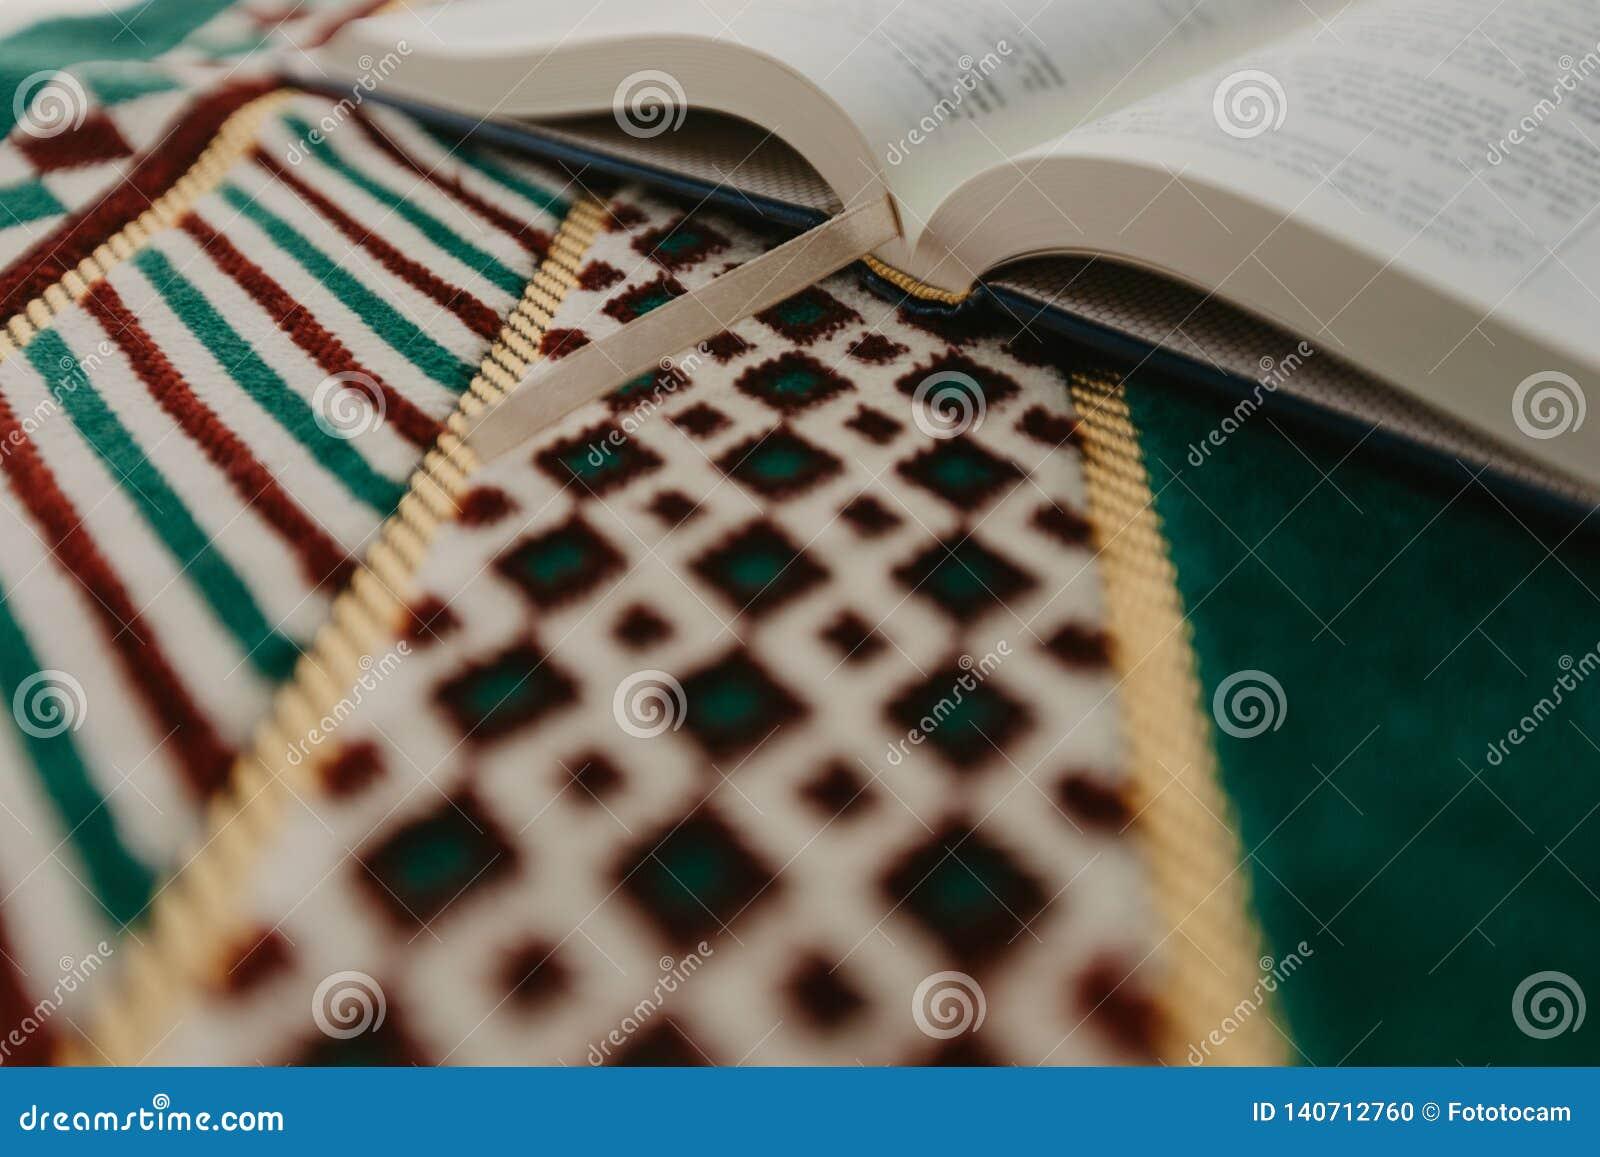 Ισλαμική έννοια - το ιερό Quran σε μια επίκληση ματ - εικόνα